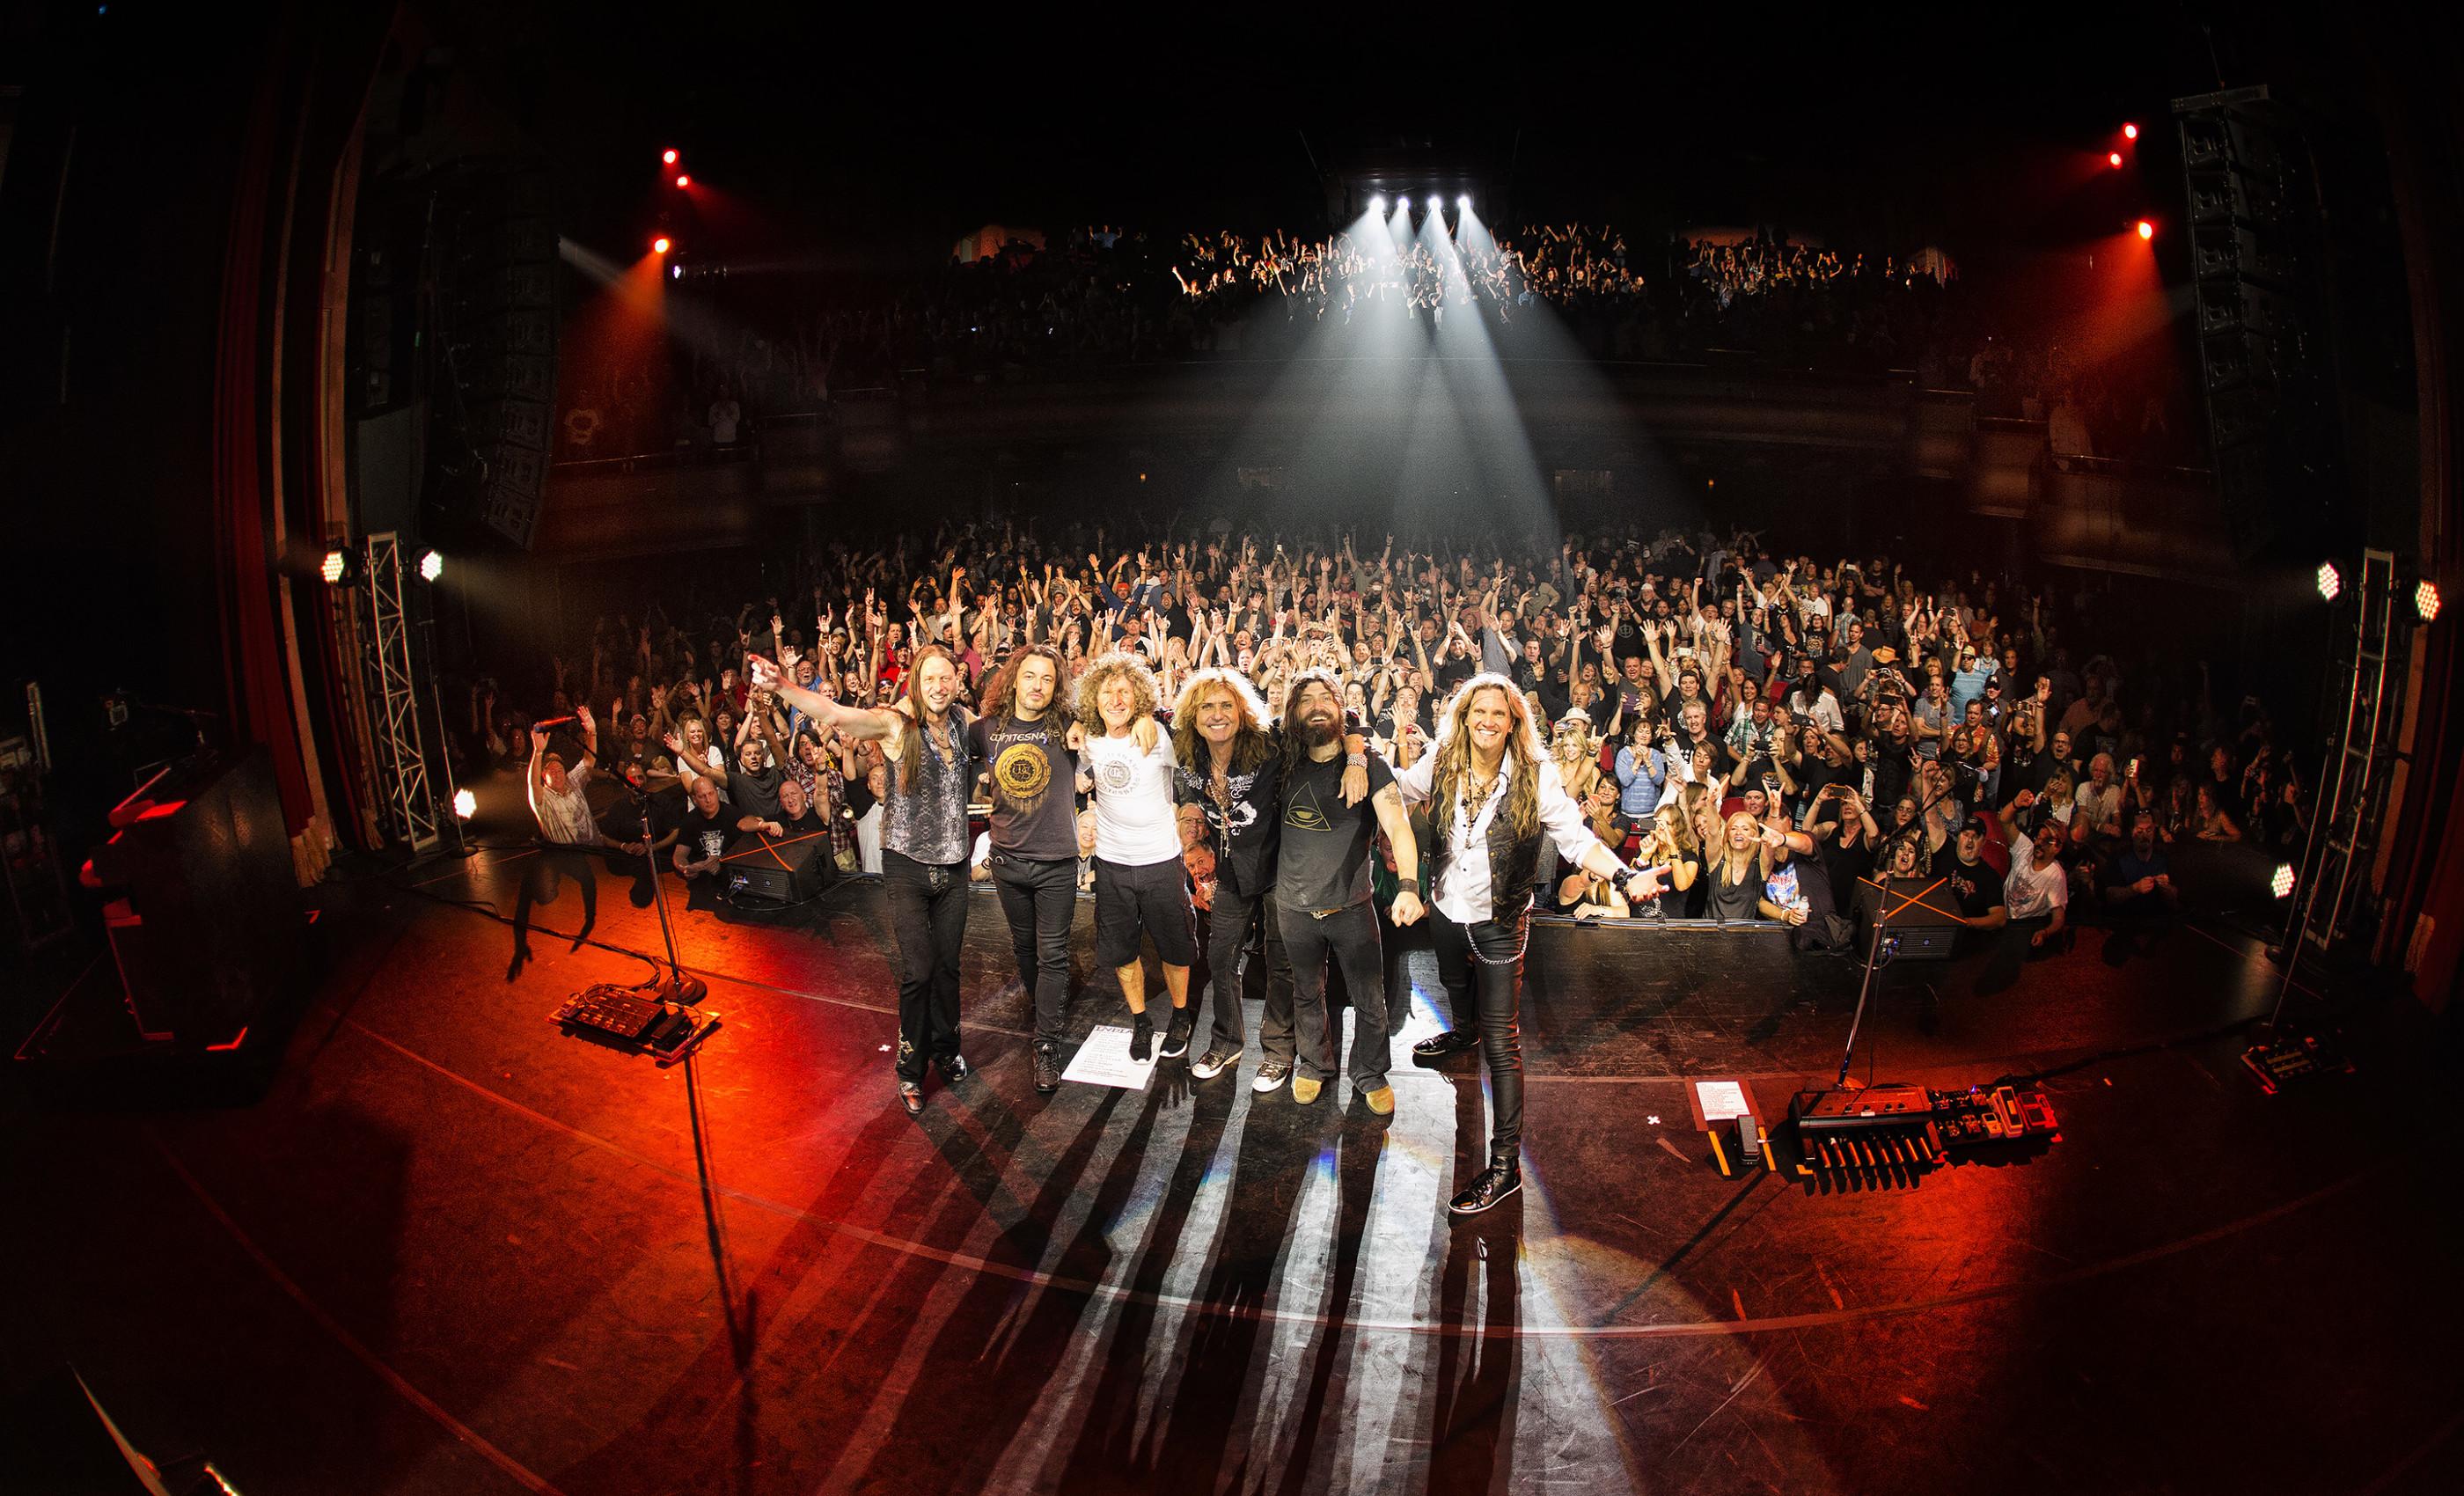 whitesnake-band-indianapolis-concert-ash-newell